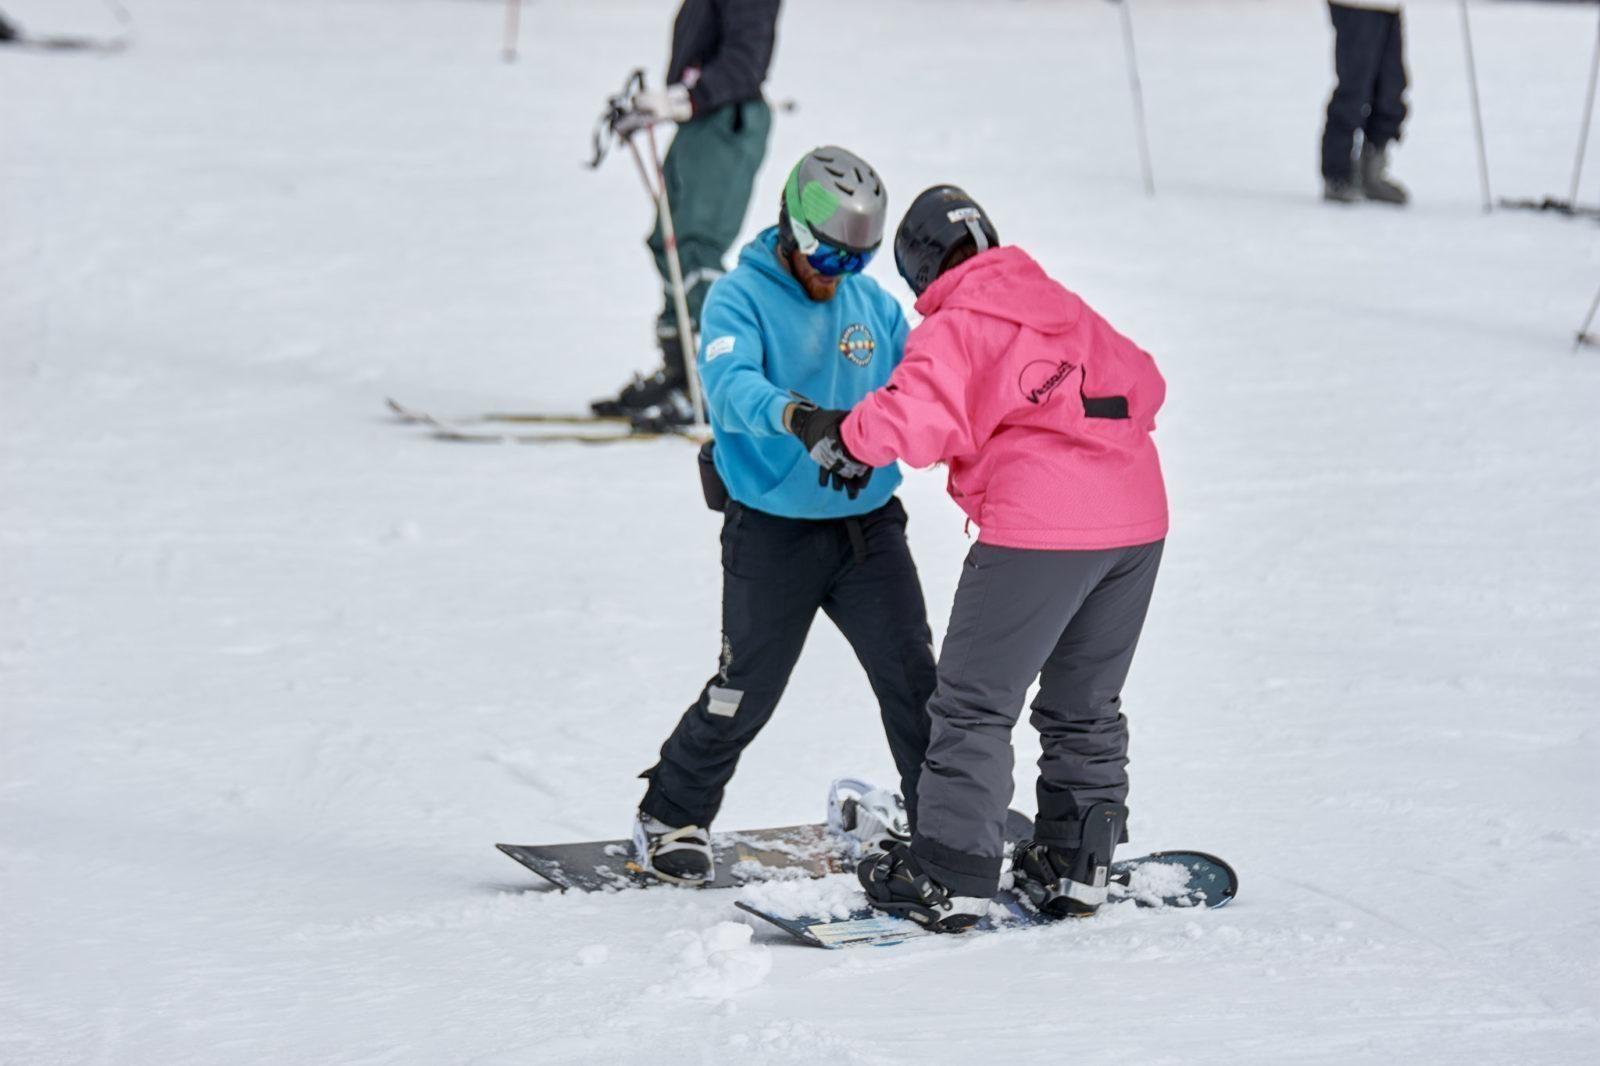 Curset esquí 4 dies de Nadal a Port del Comte